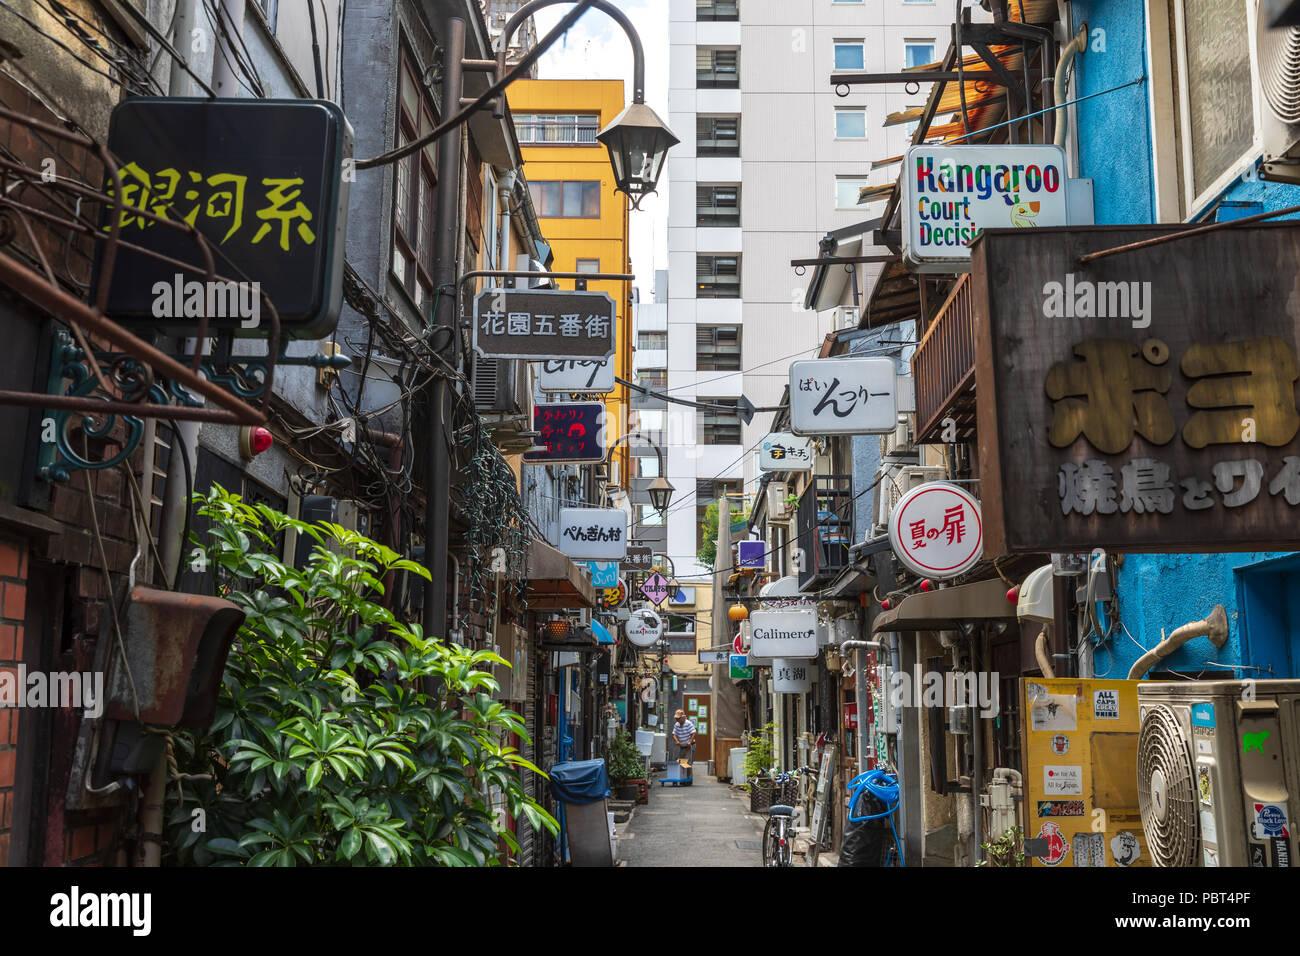 Golden Gai, Shinjuku, Tokyo, Japan - Stock Image